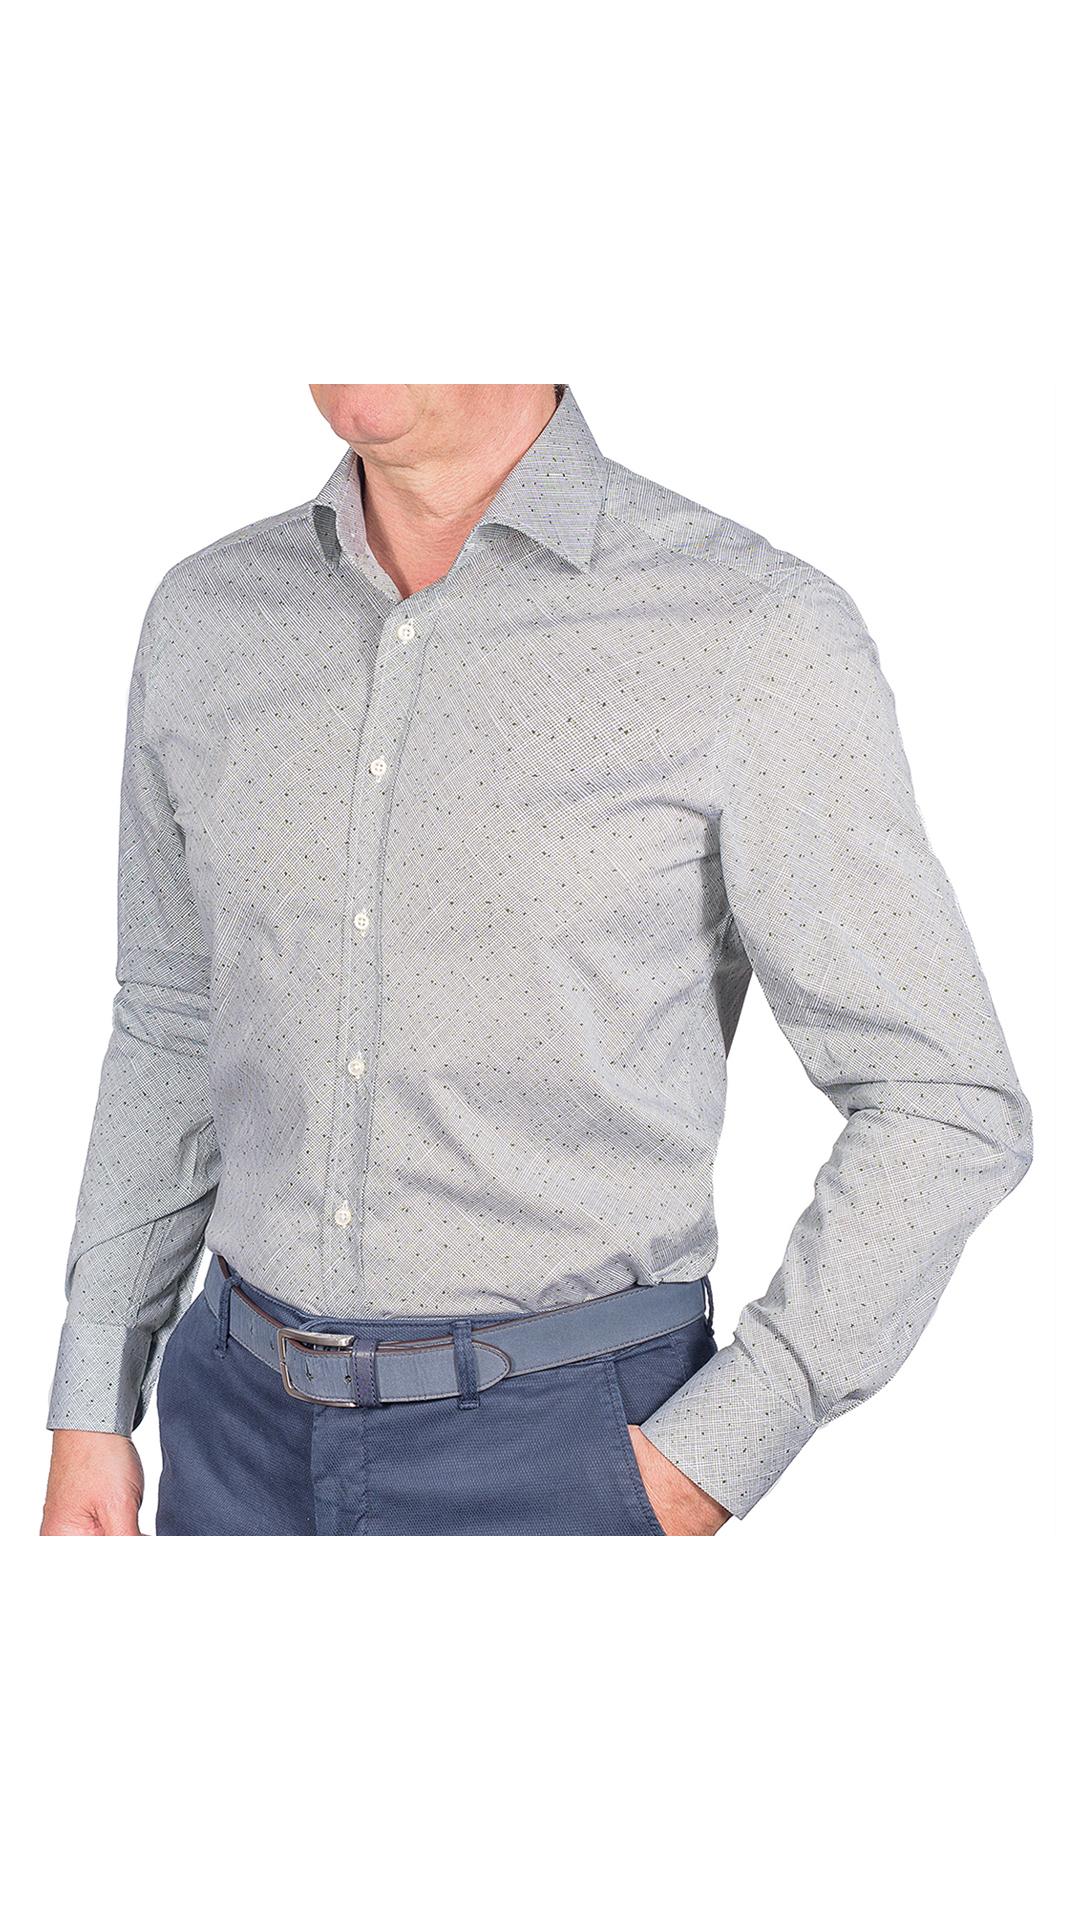 LUXURYJTEL0004 CAMICIA UOMO DOPPIO RITORTO MANICA LUNGA 1 1stAmerican camicia elegante da uomo in collo classico 100% cotone alta qualità doppio ritorto manica lunga – camicia sartoriale regular fit elasticizzata